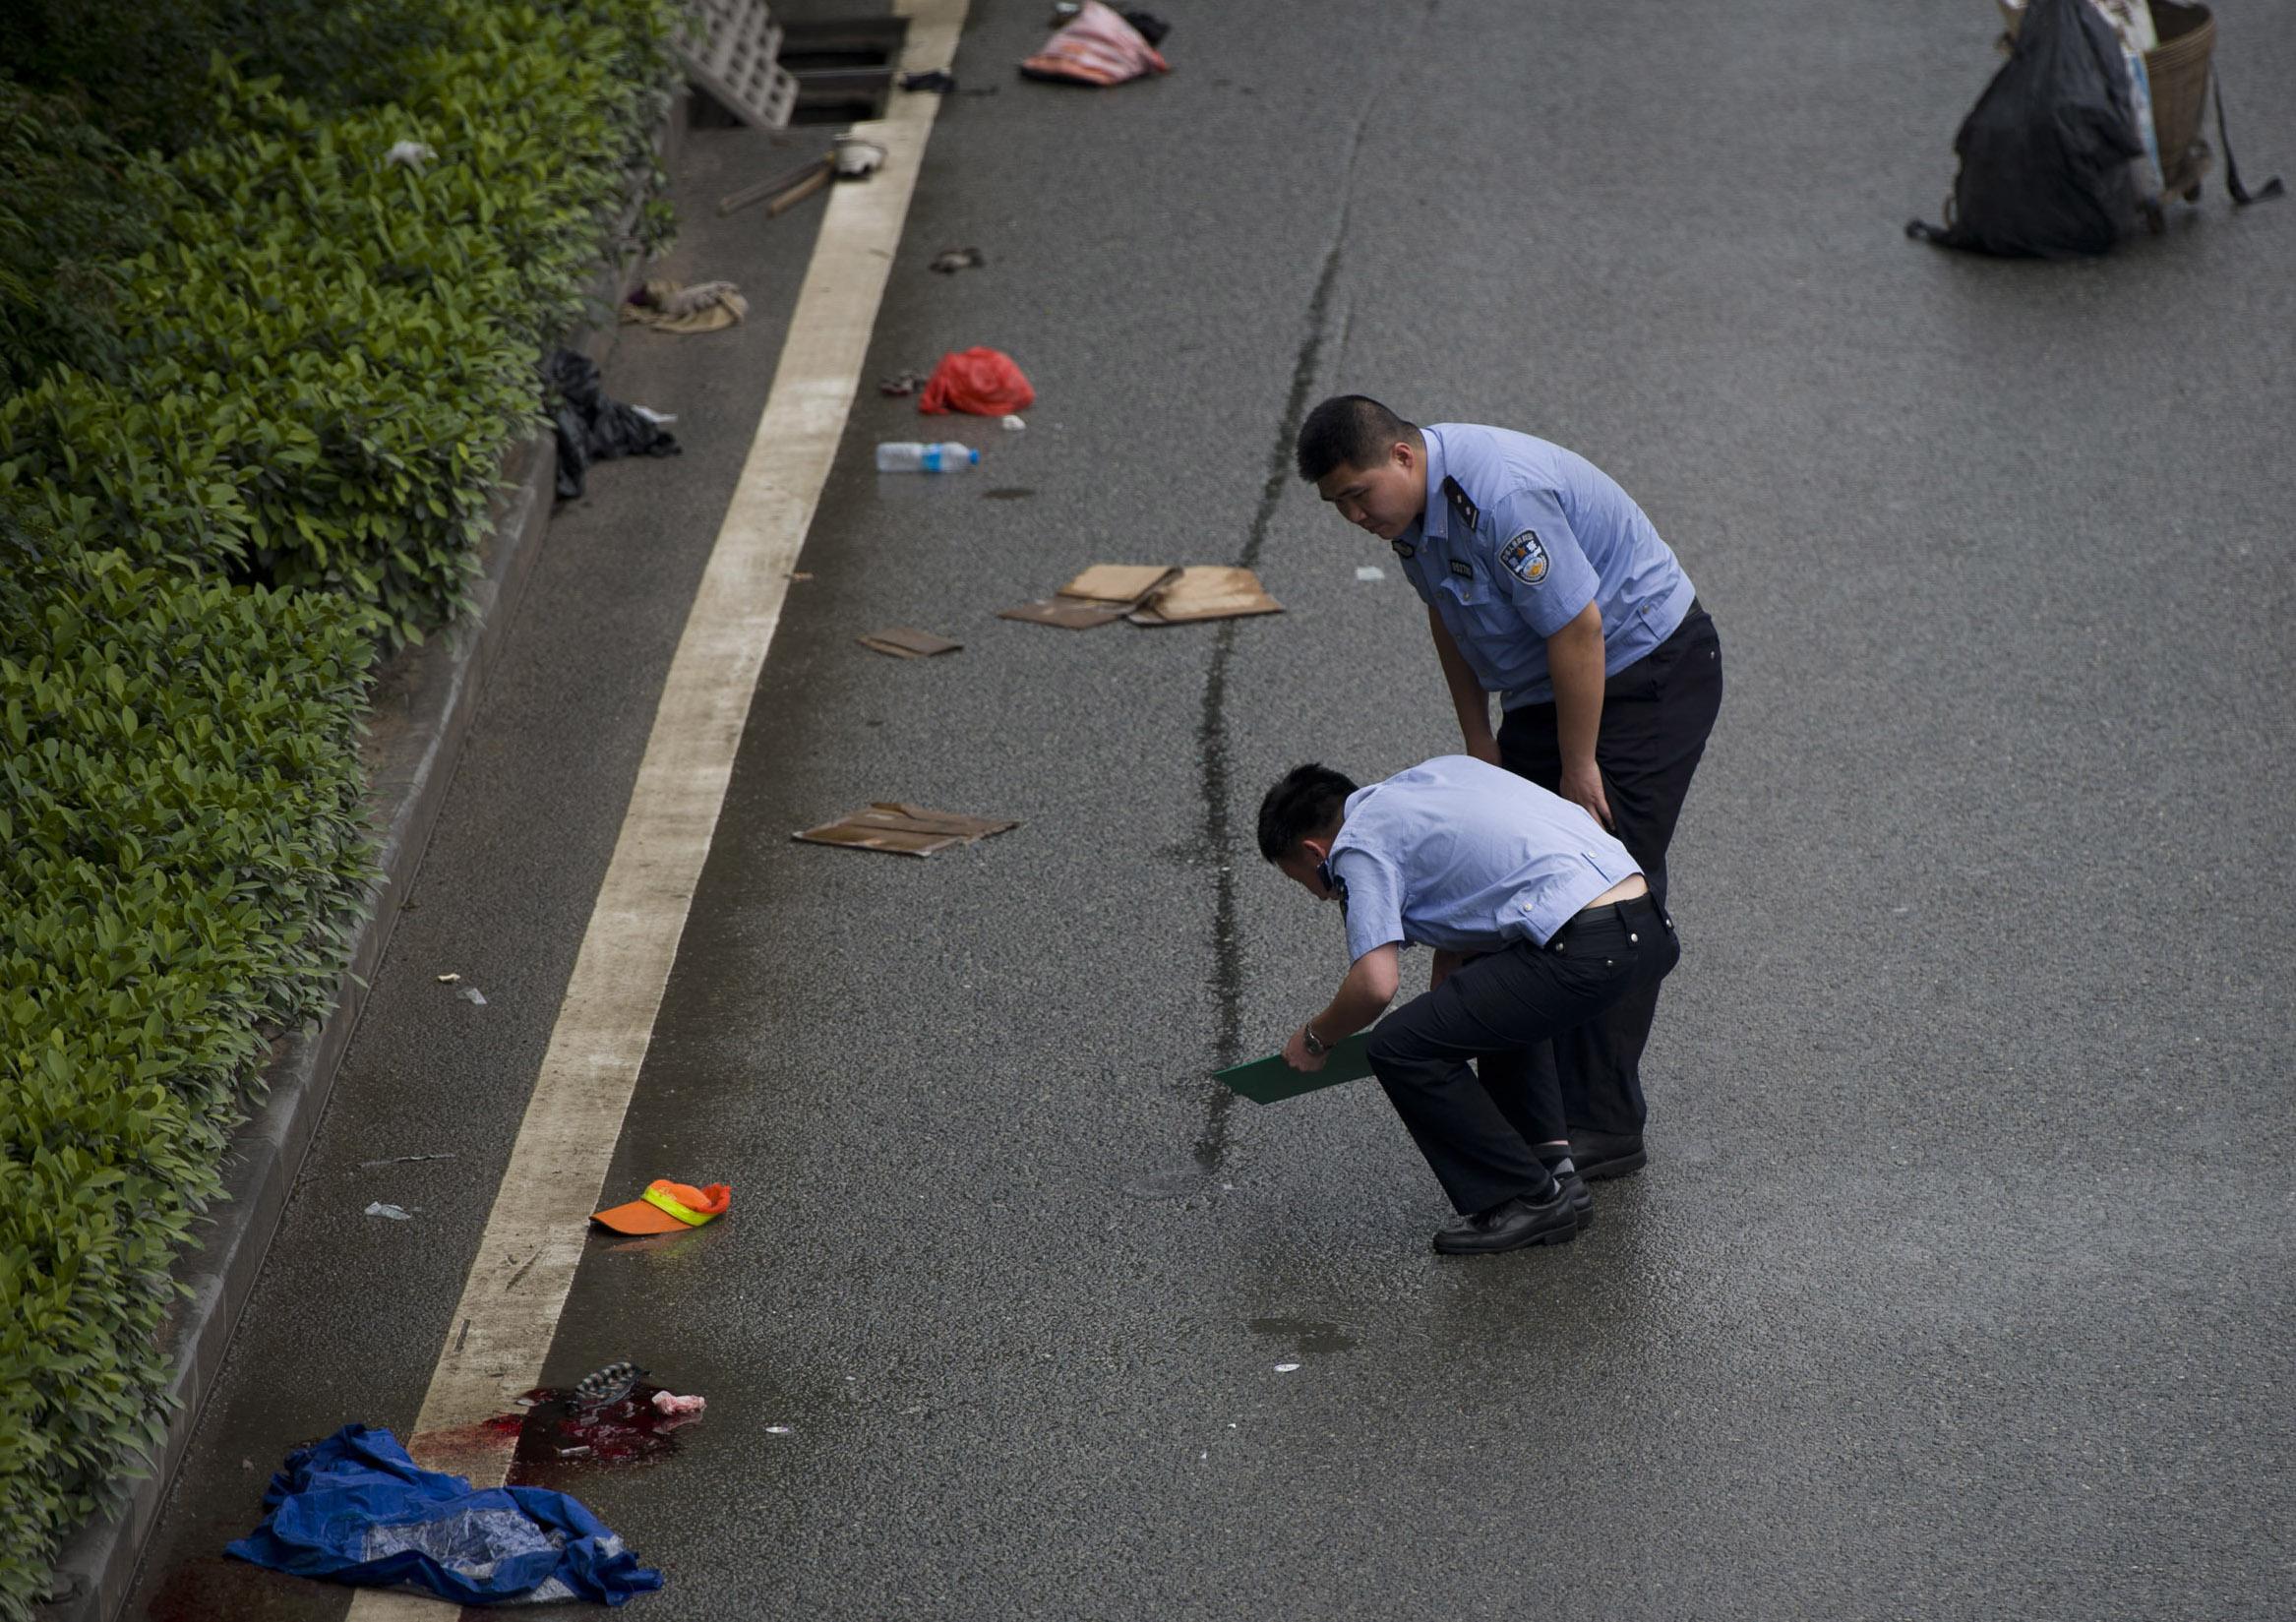 一环卫工捡垃圾被撞身亡 司机乱扔垃圾惹的祸